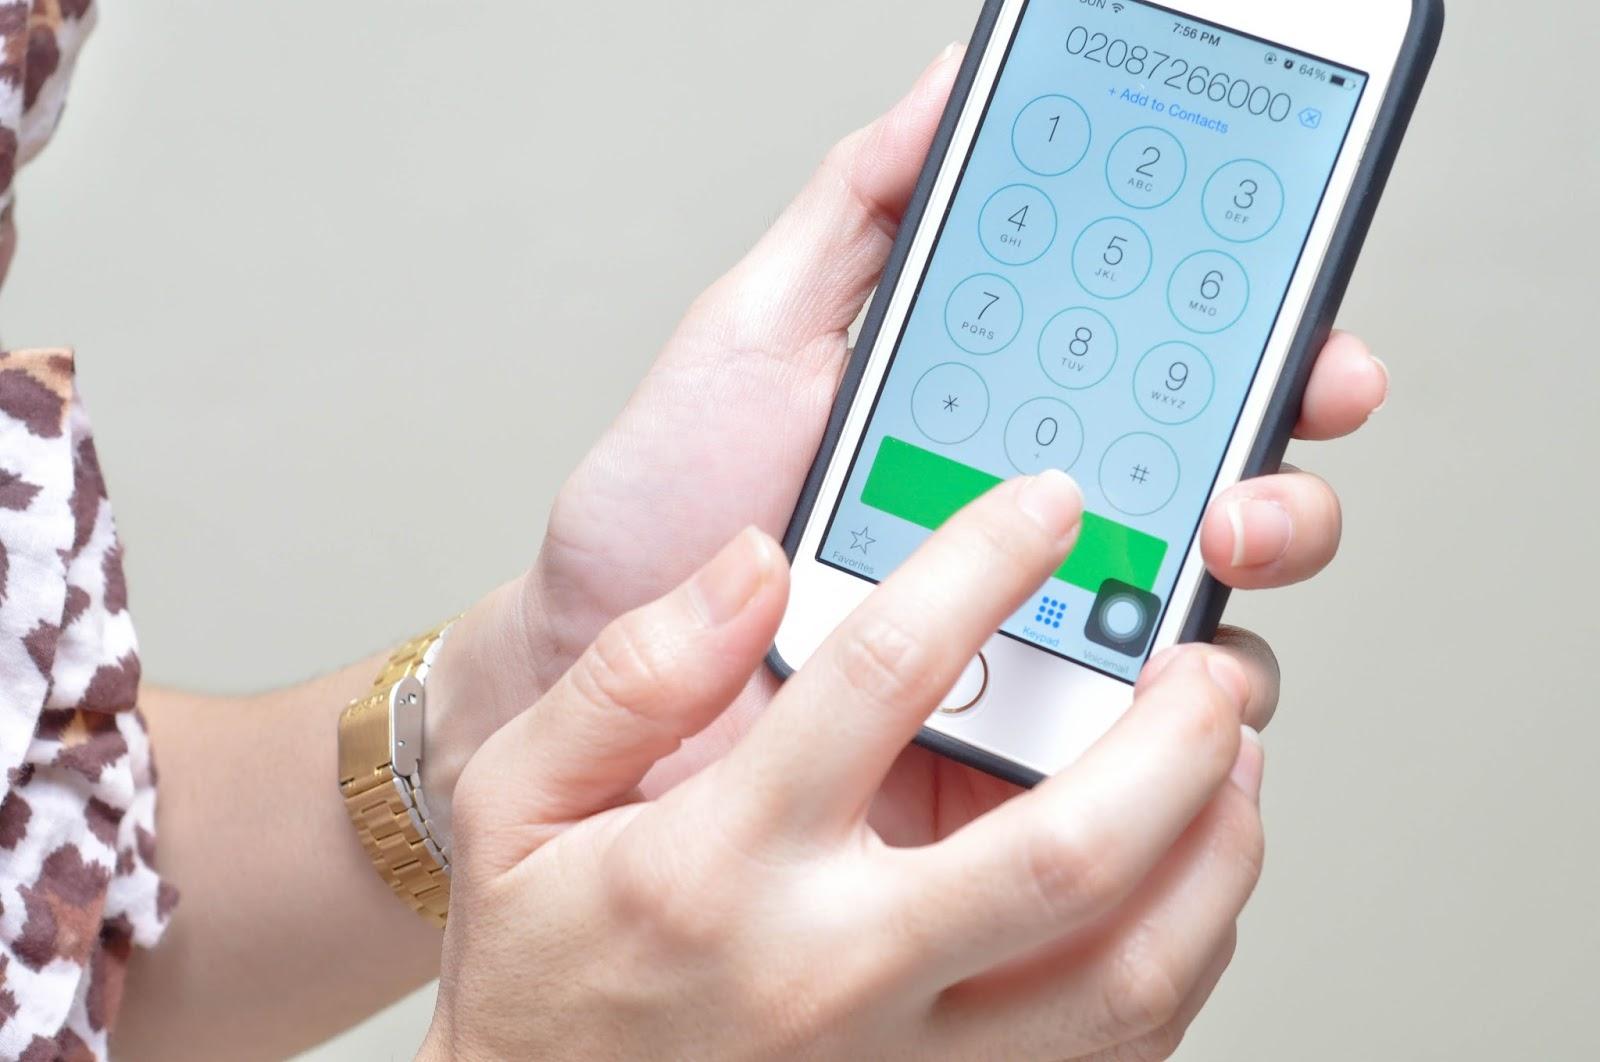 10 أكواد سرية في هاتفك تقوم بأشياء مهمة جدا .. مجربة لكل الموبايلات ؟